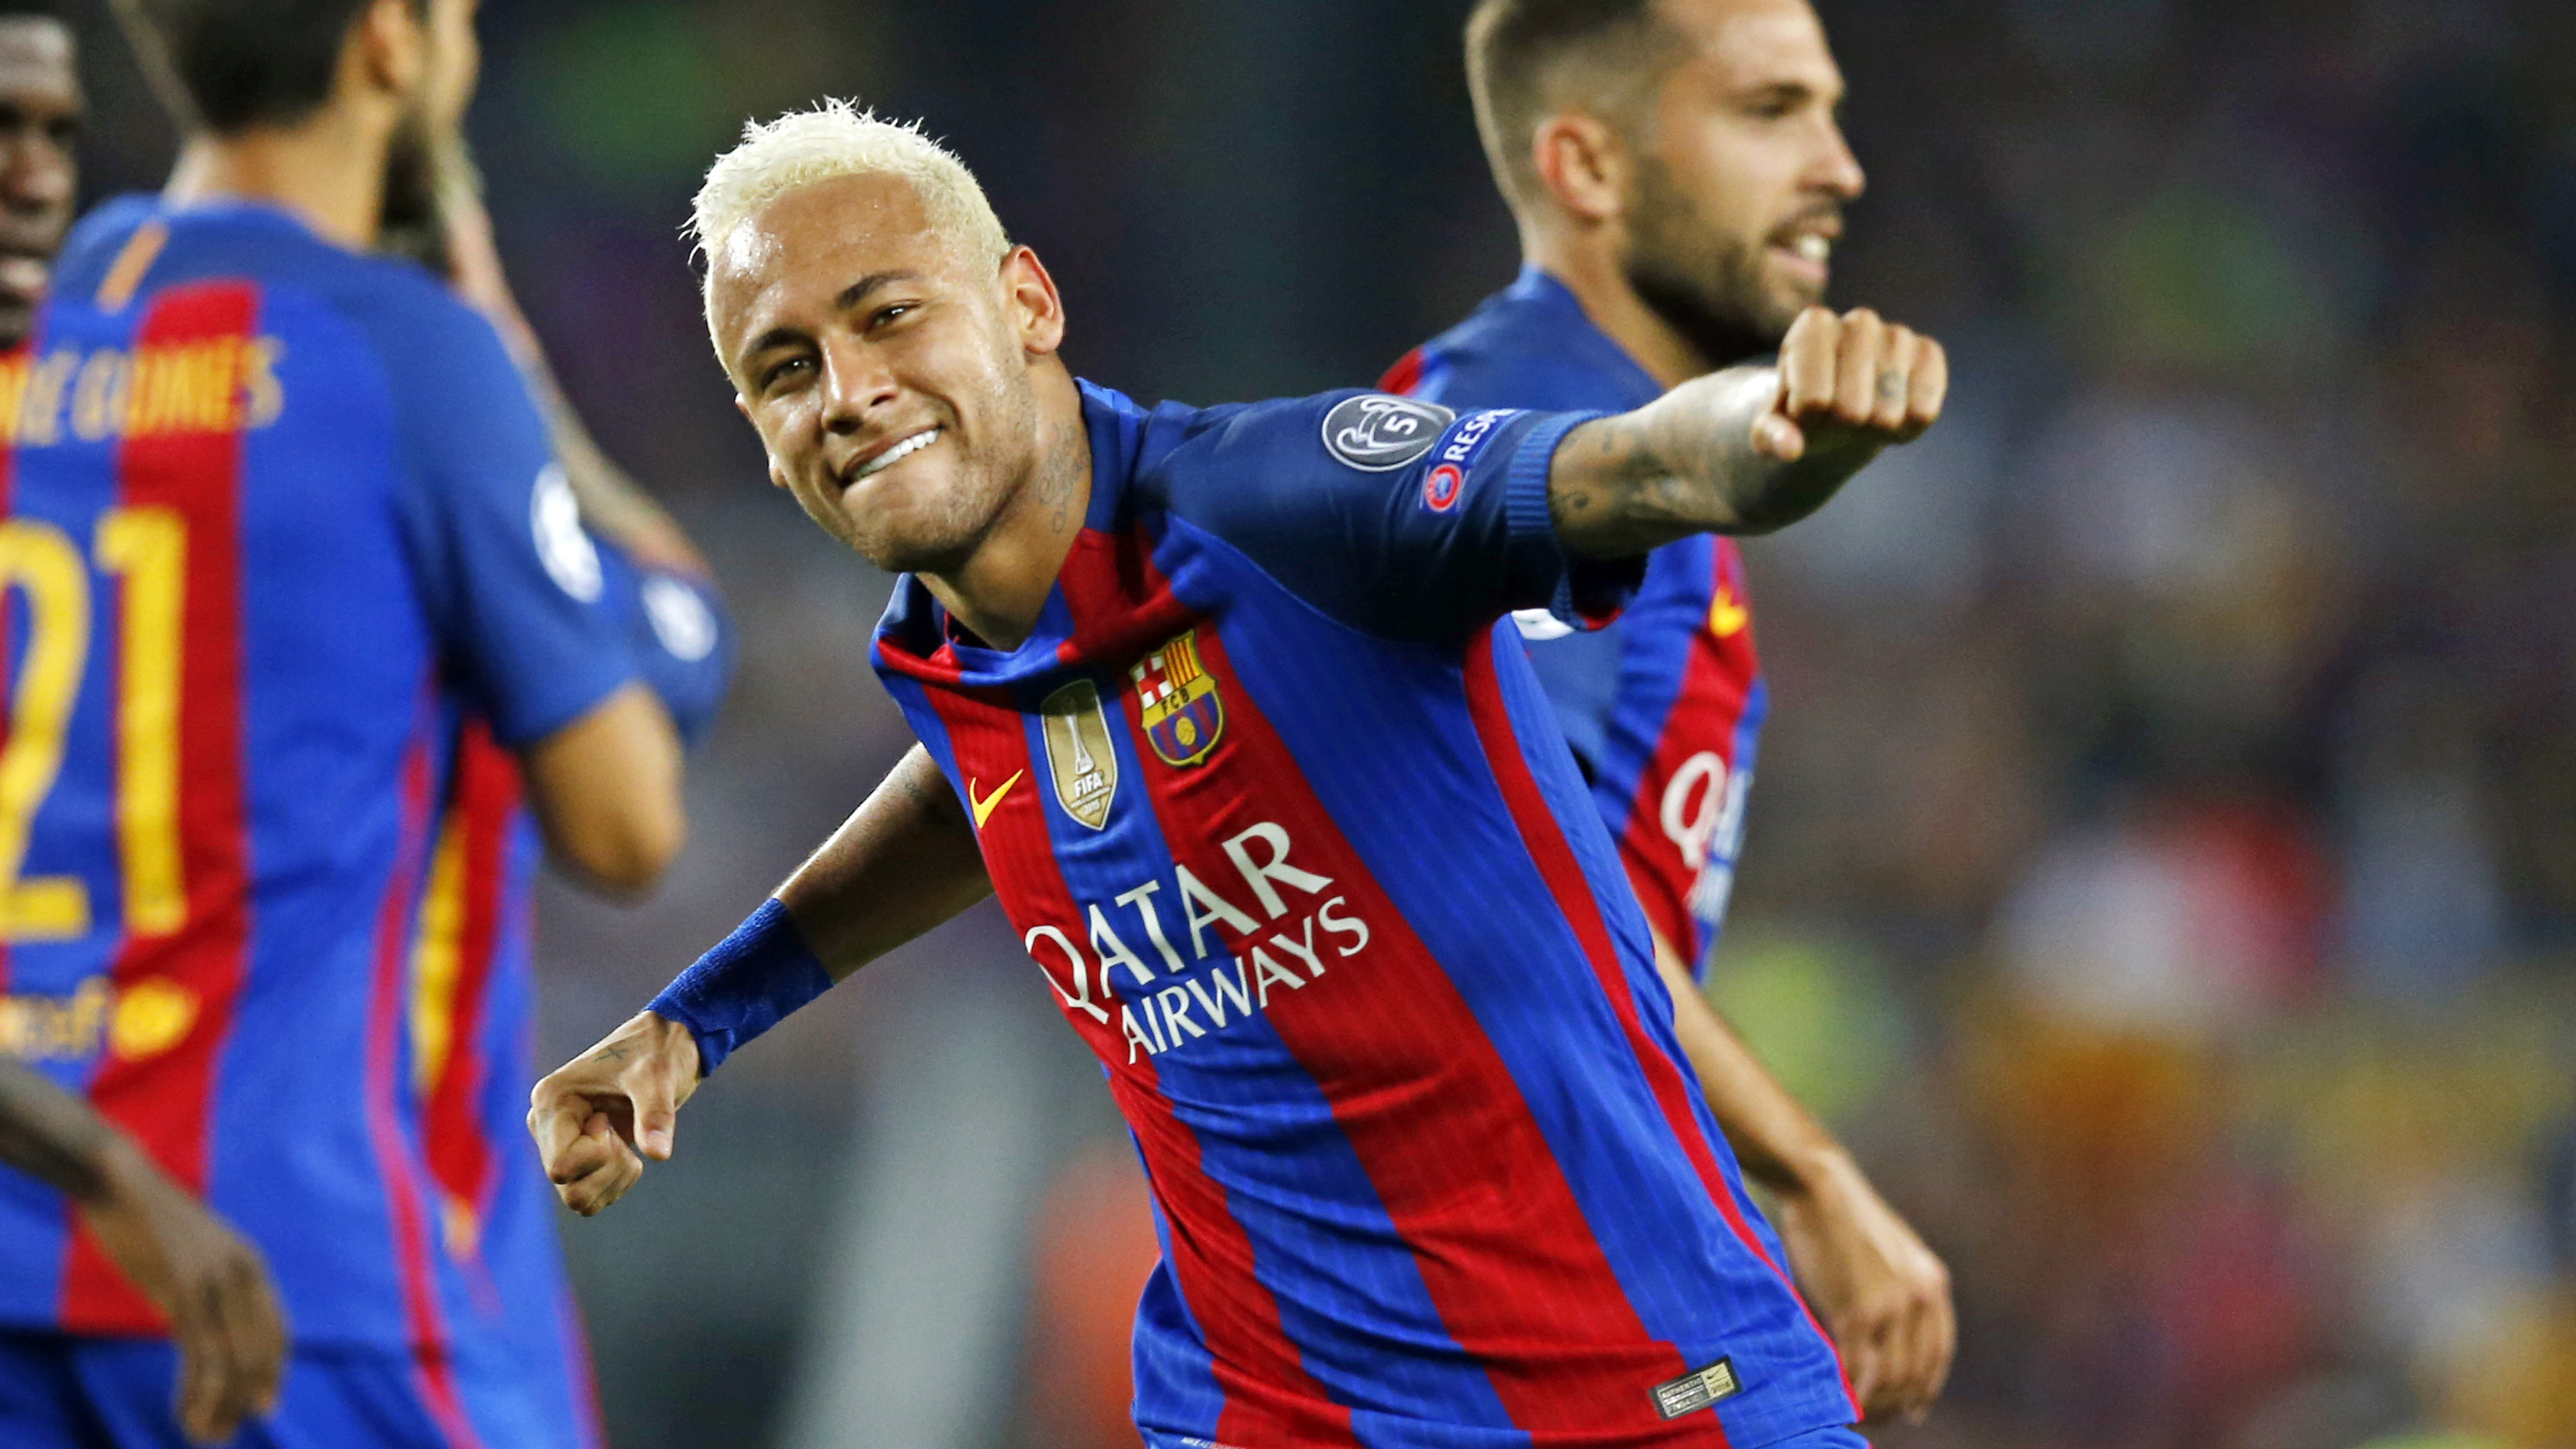 Neymar Jr comemora gol marcado contra o Celtic-ESC, na 1ª rodada da Champions League